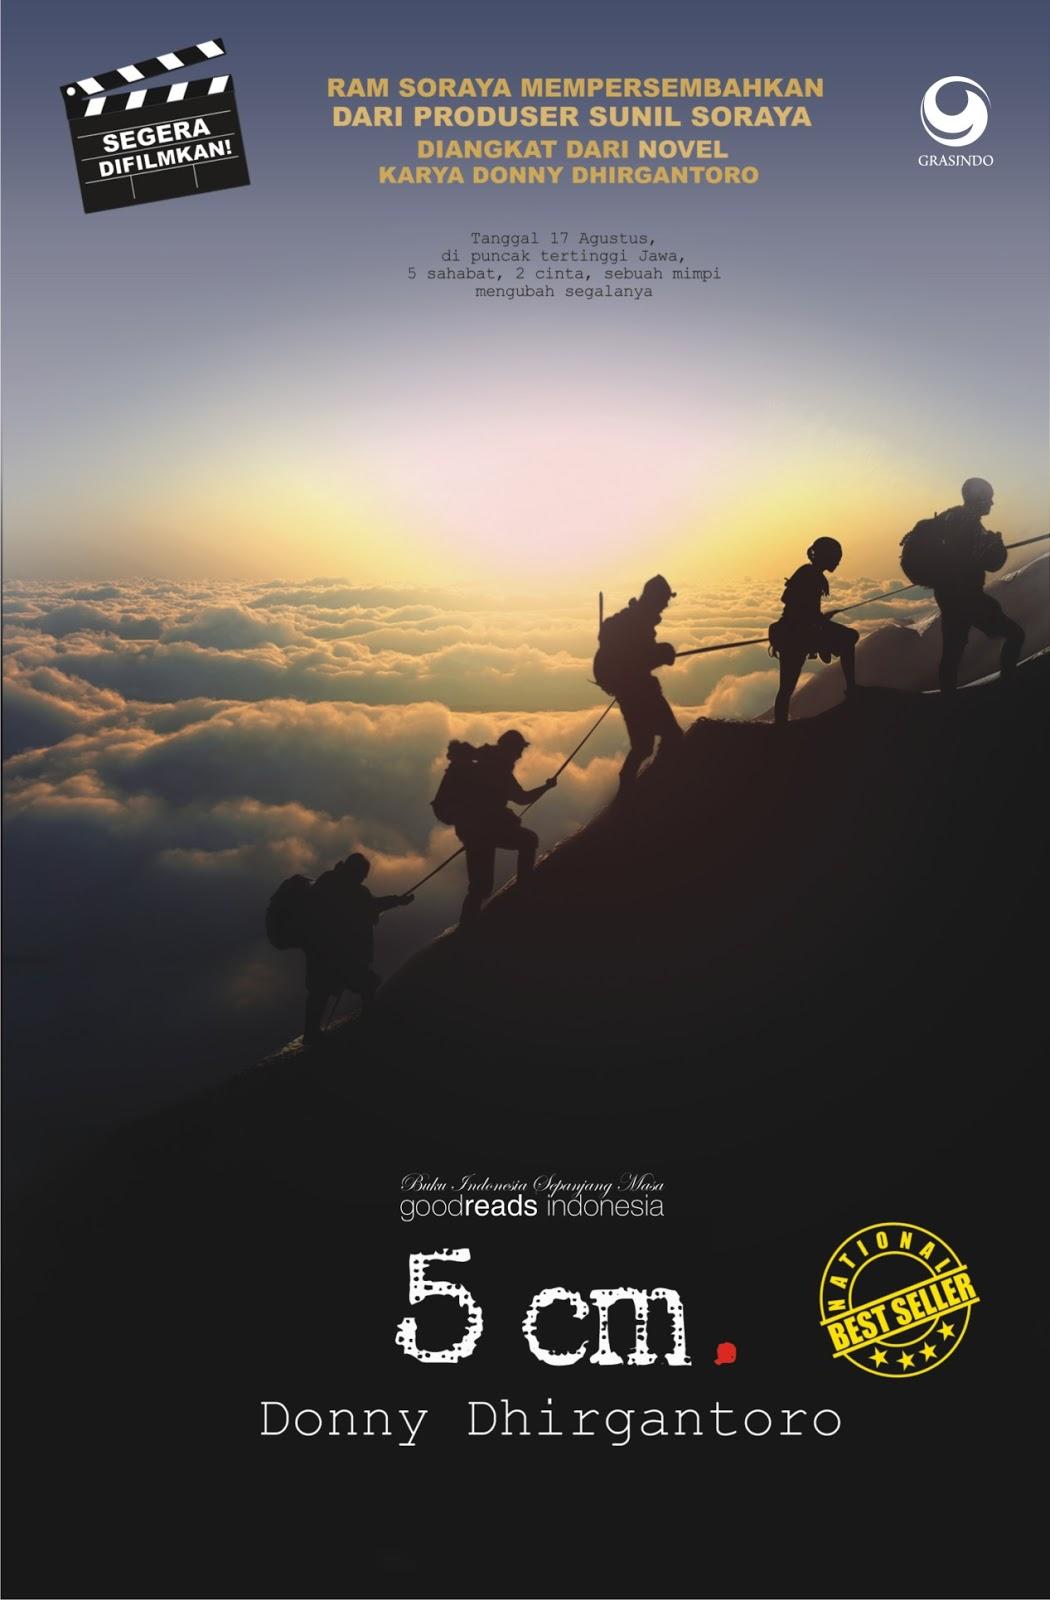 Download Film 5 cm Gratis Full Movie Lengkap